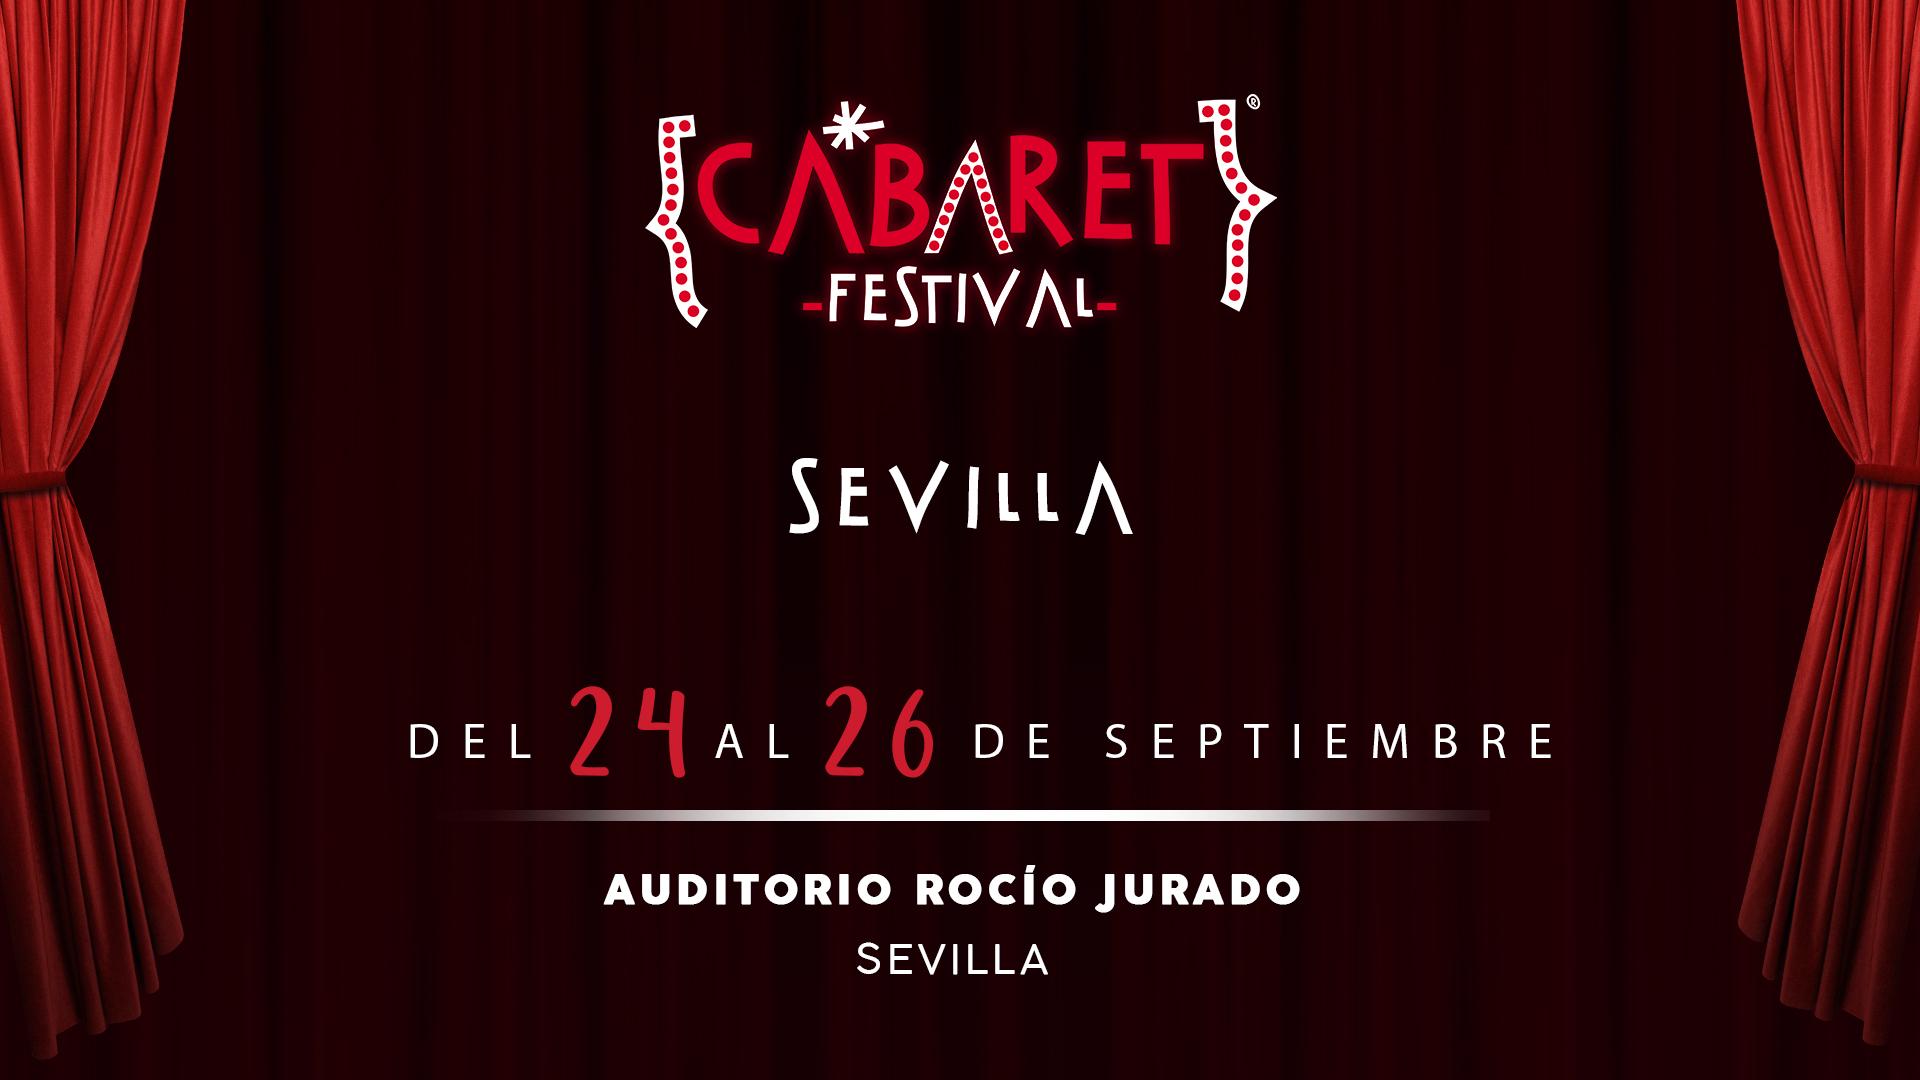 Sevilla es la nueva ciudad confirmada para acoger Cabaret Festival en el mes de septiembre